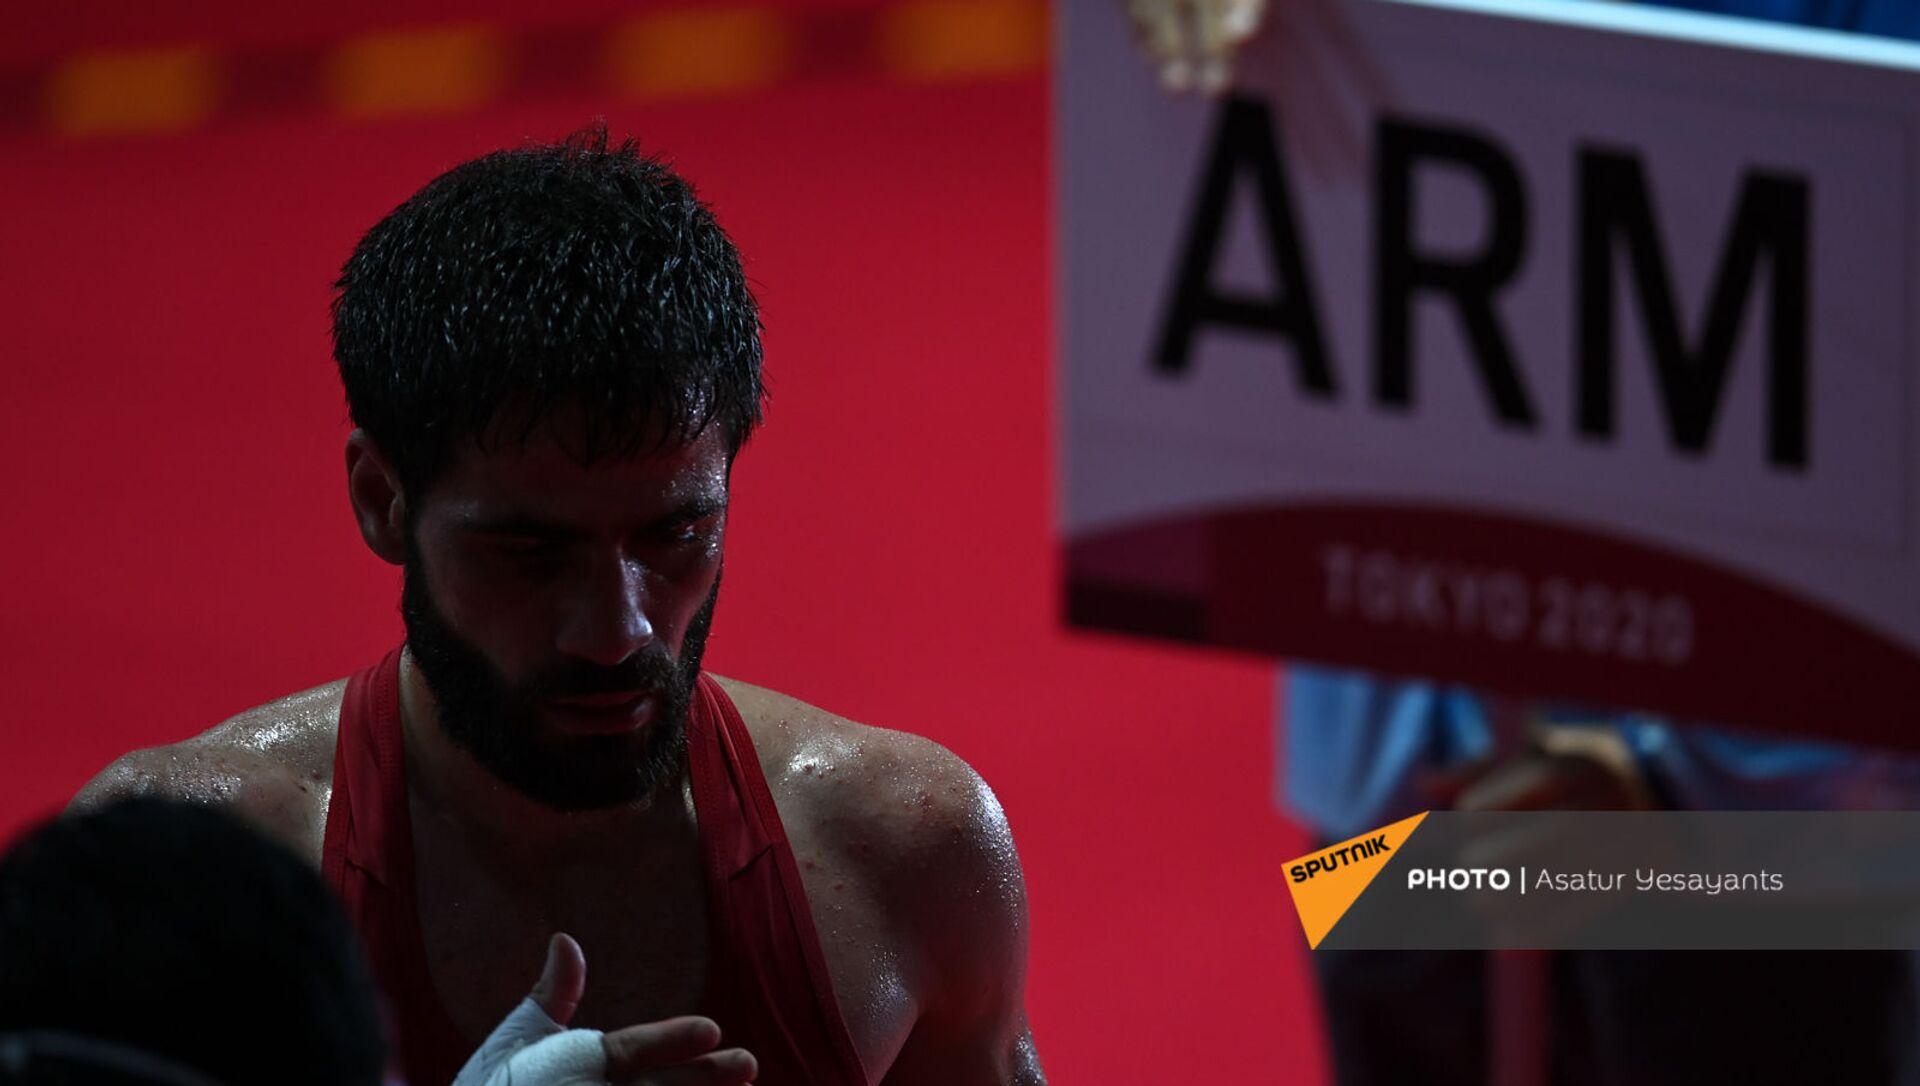 Корюн Согомонян (Армения) по окончании боя на XXXII летней Олимпиаде (26 июля 2021). Токио - Sputnik Արմենիա, 1920, 26.07.2021